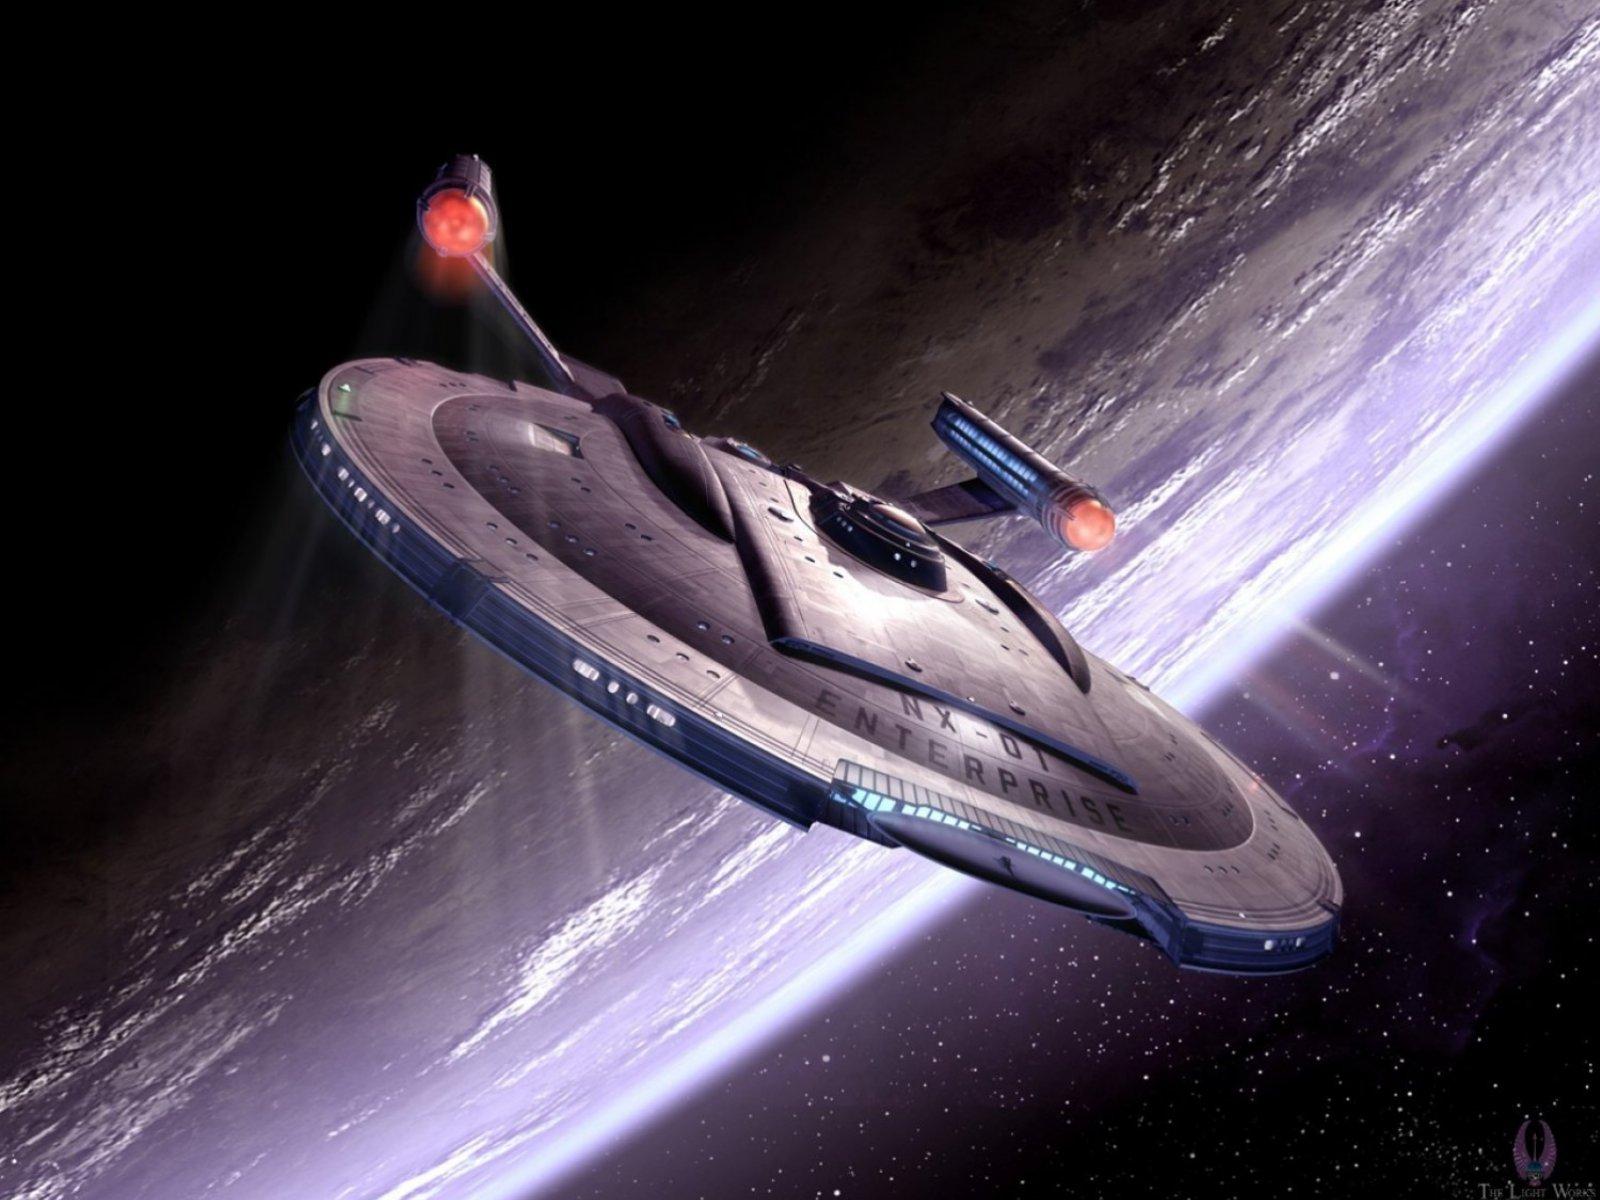 Enterprise NX 01 Starship wallpaper 1600x1200